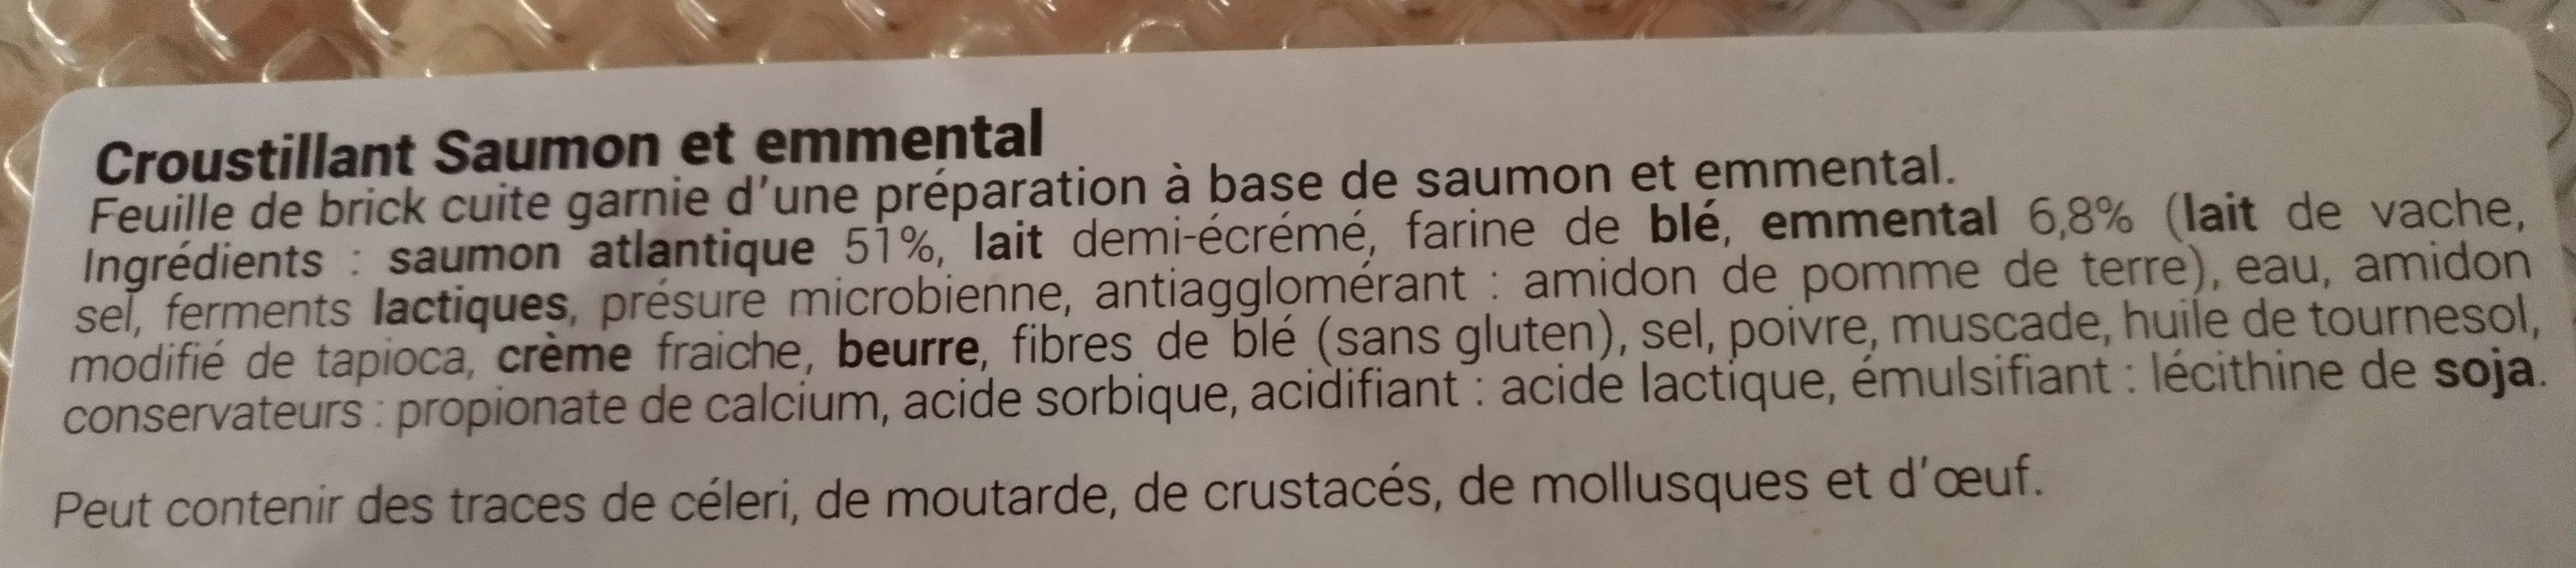 Croustillants de Saumon & emmental - Ingrédients - fr